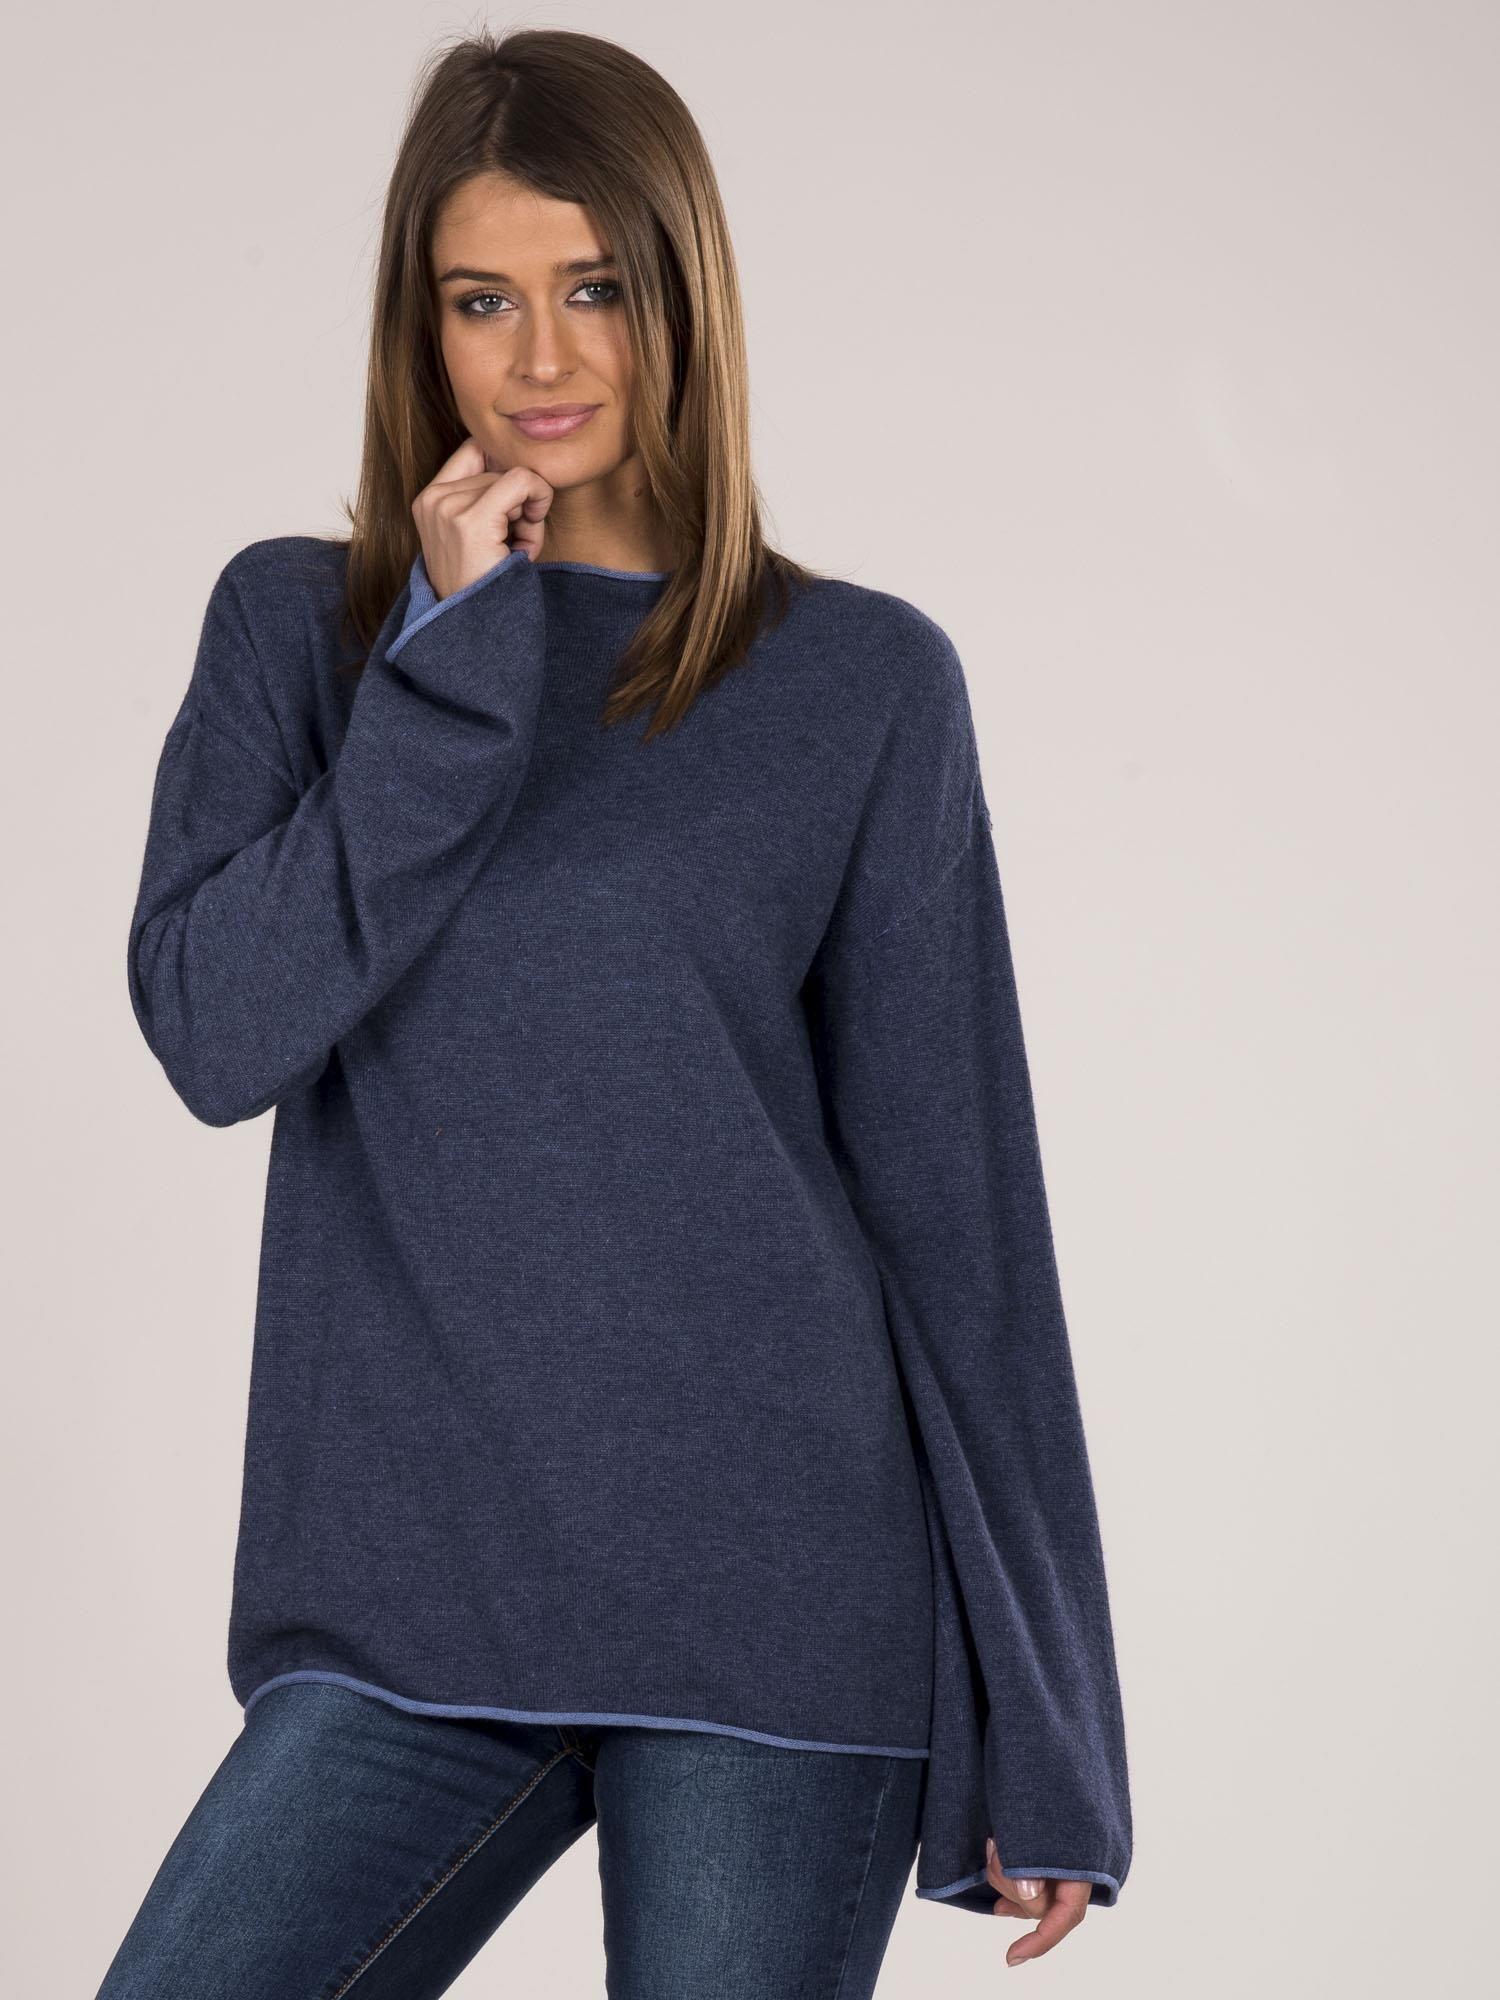 Modrý dámsky sveter so širokými rukávmi - S